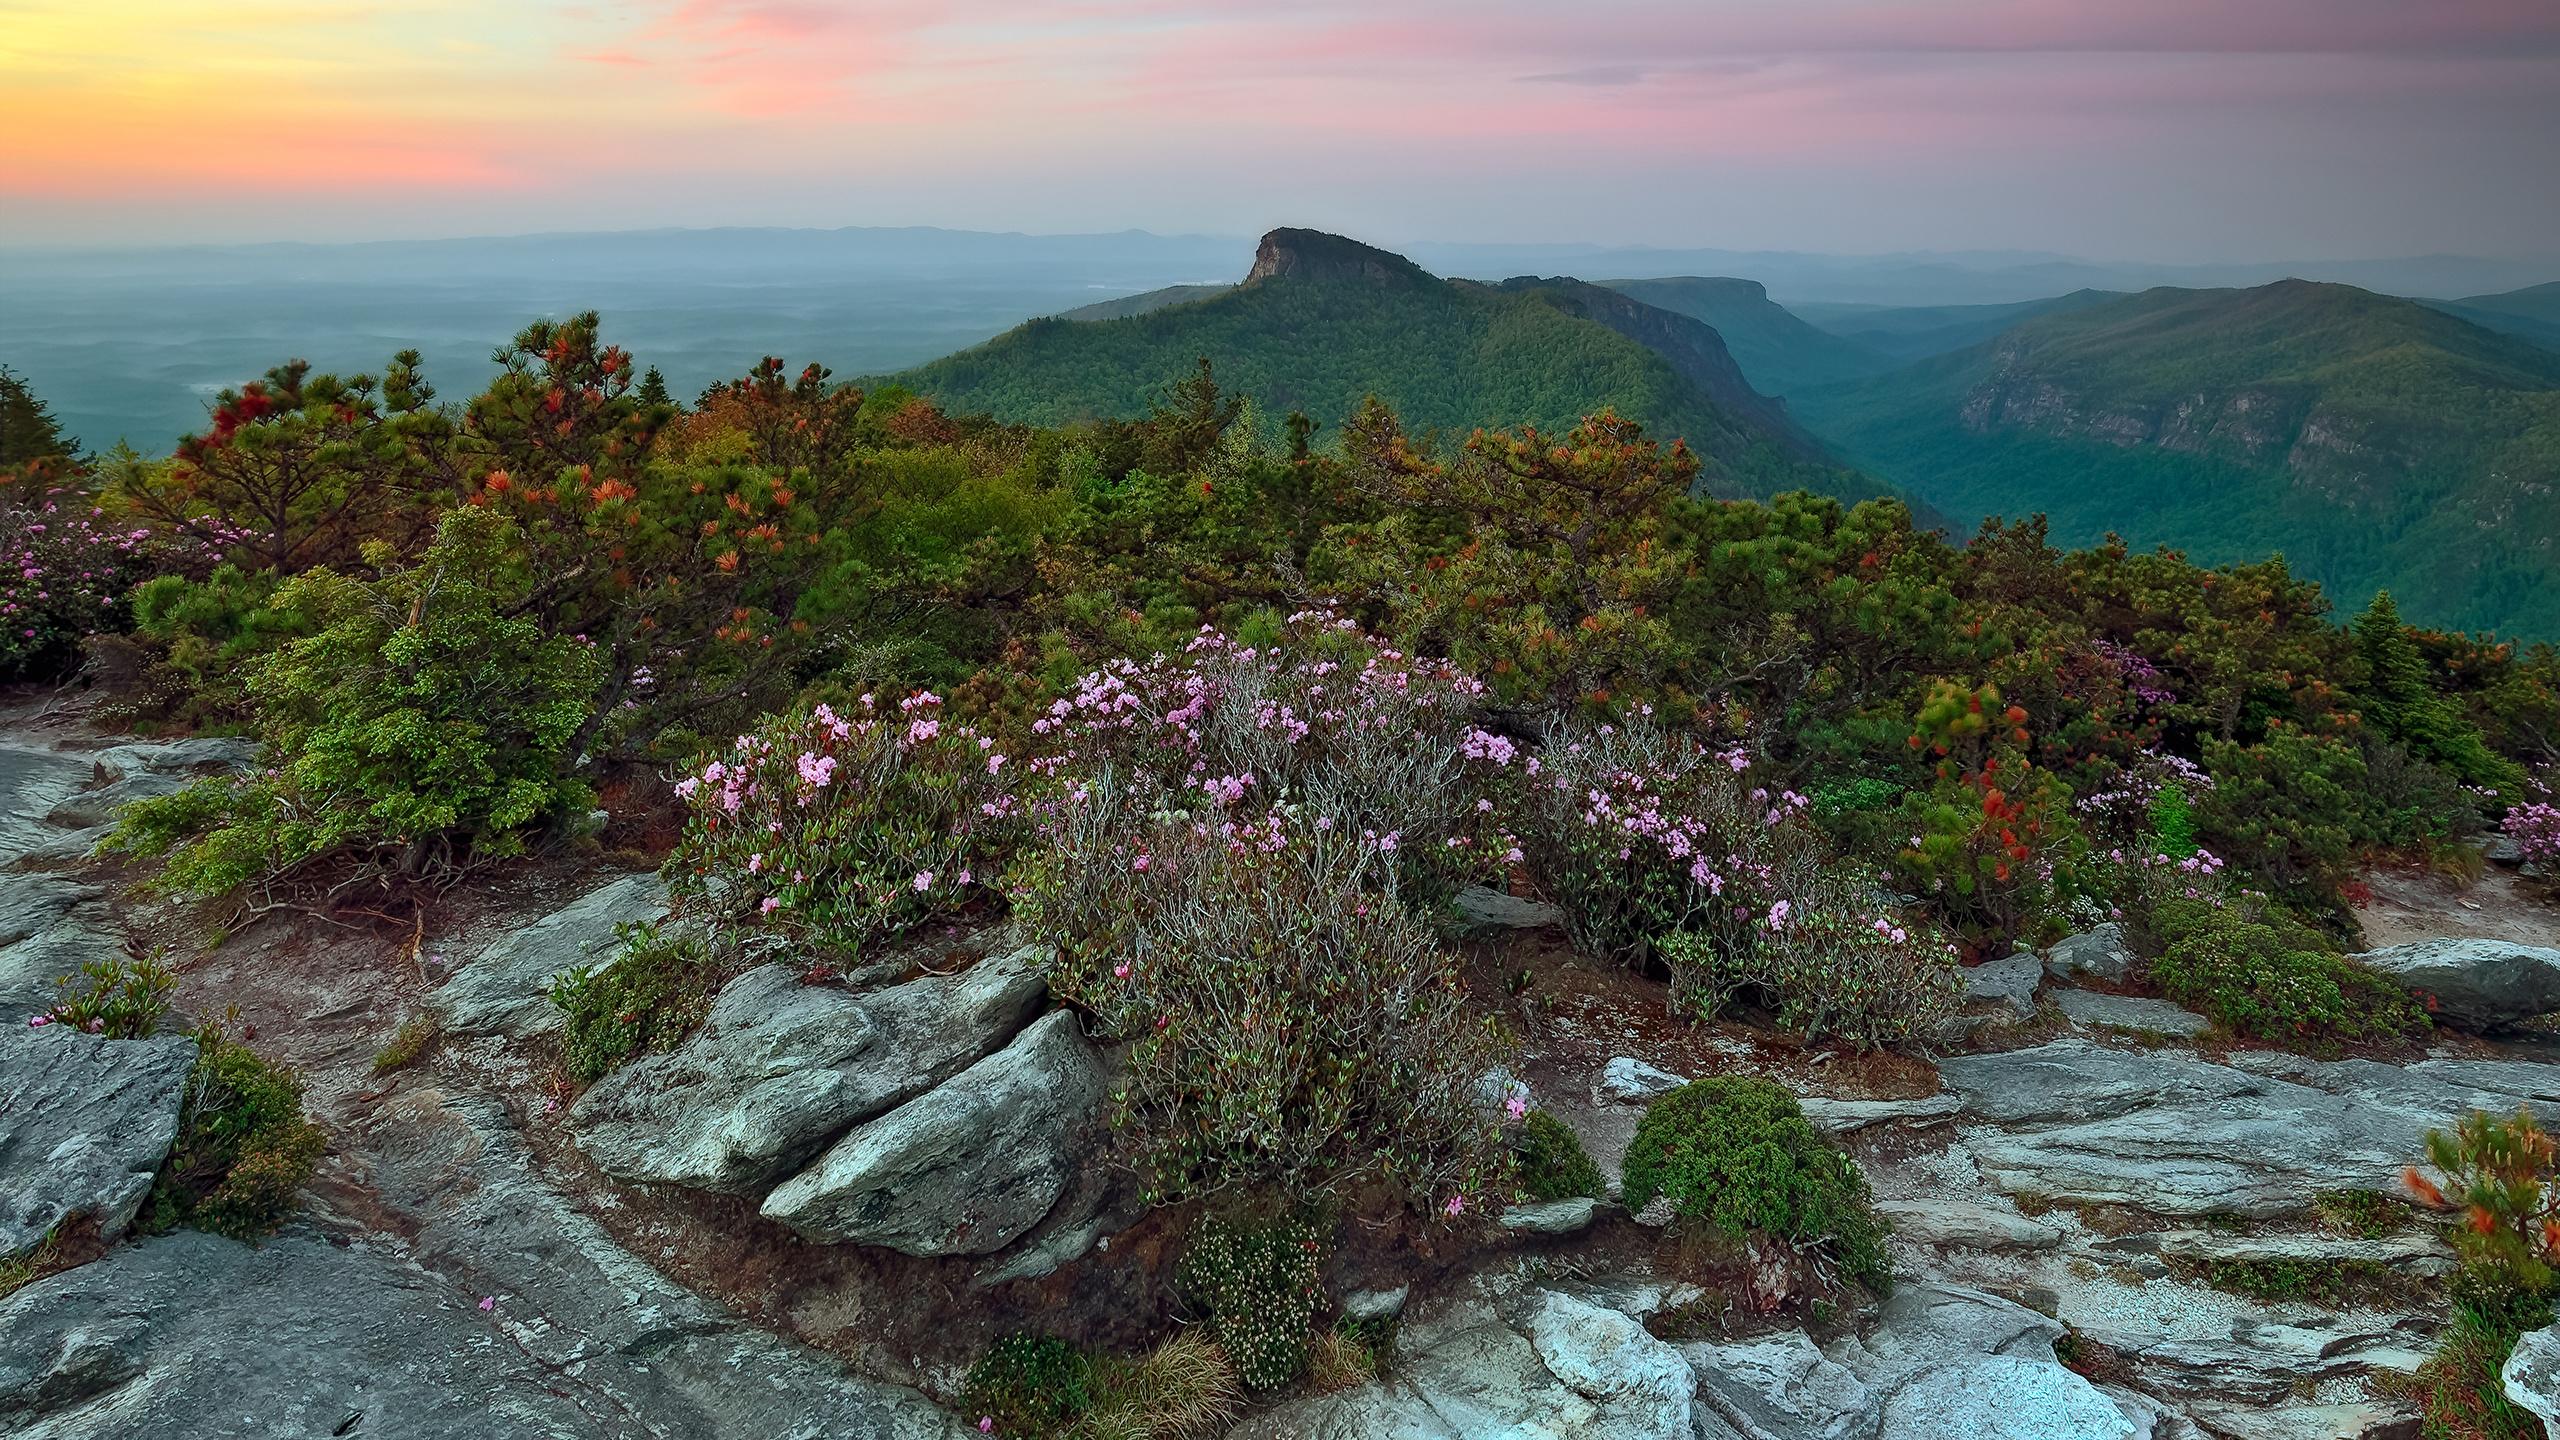 Картинки США Avery North Carolina гора Природа Камни Кусты 2560x1440 штаты Горы Камень кустов